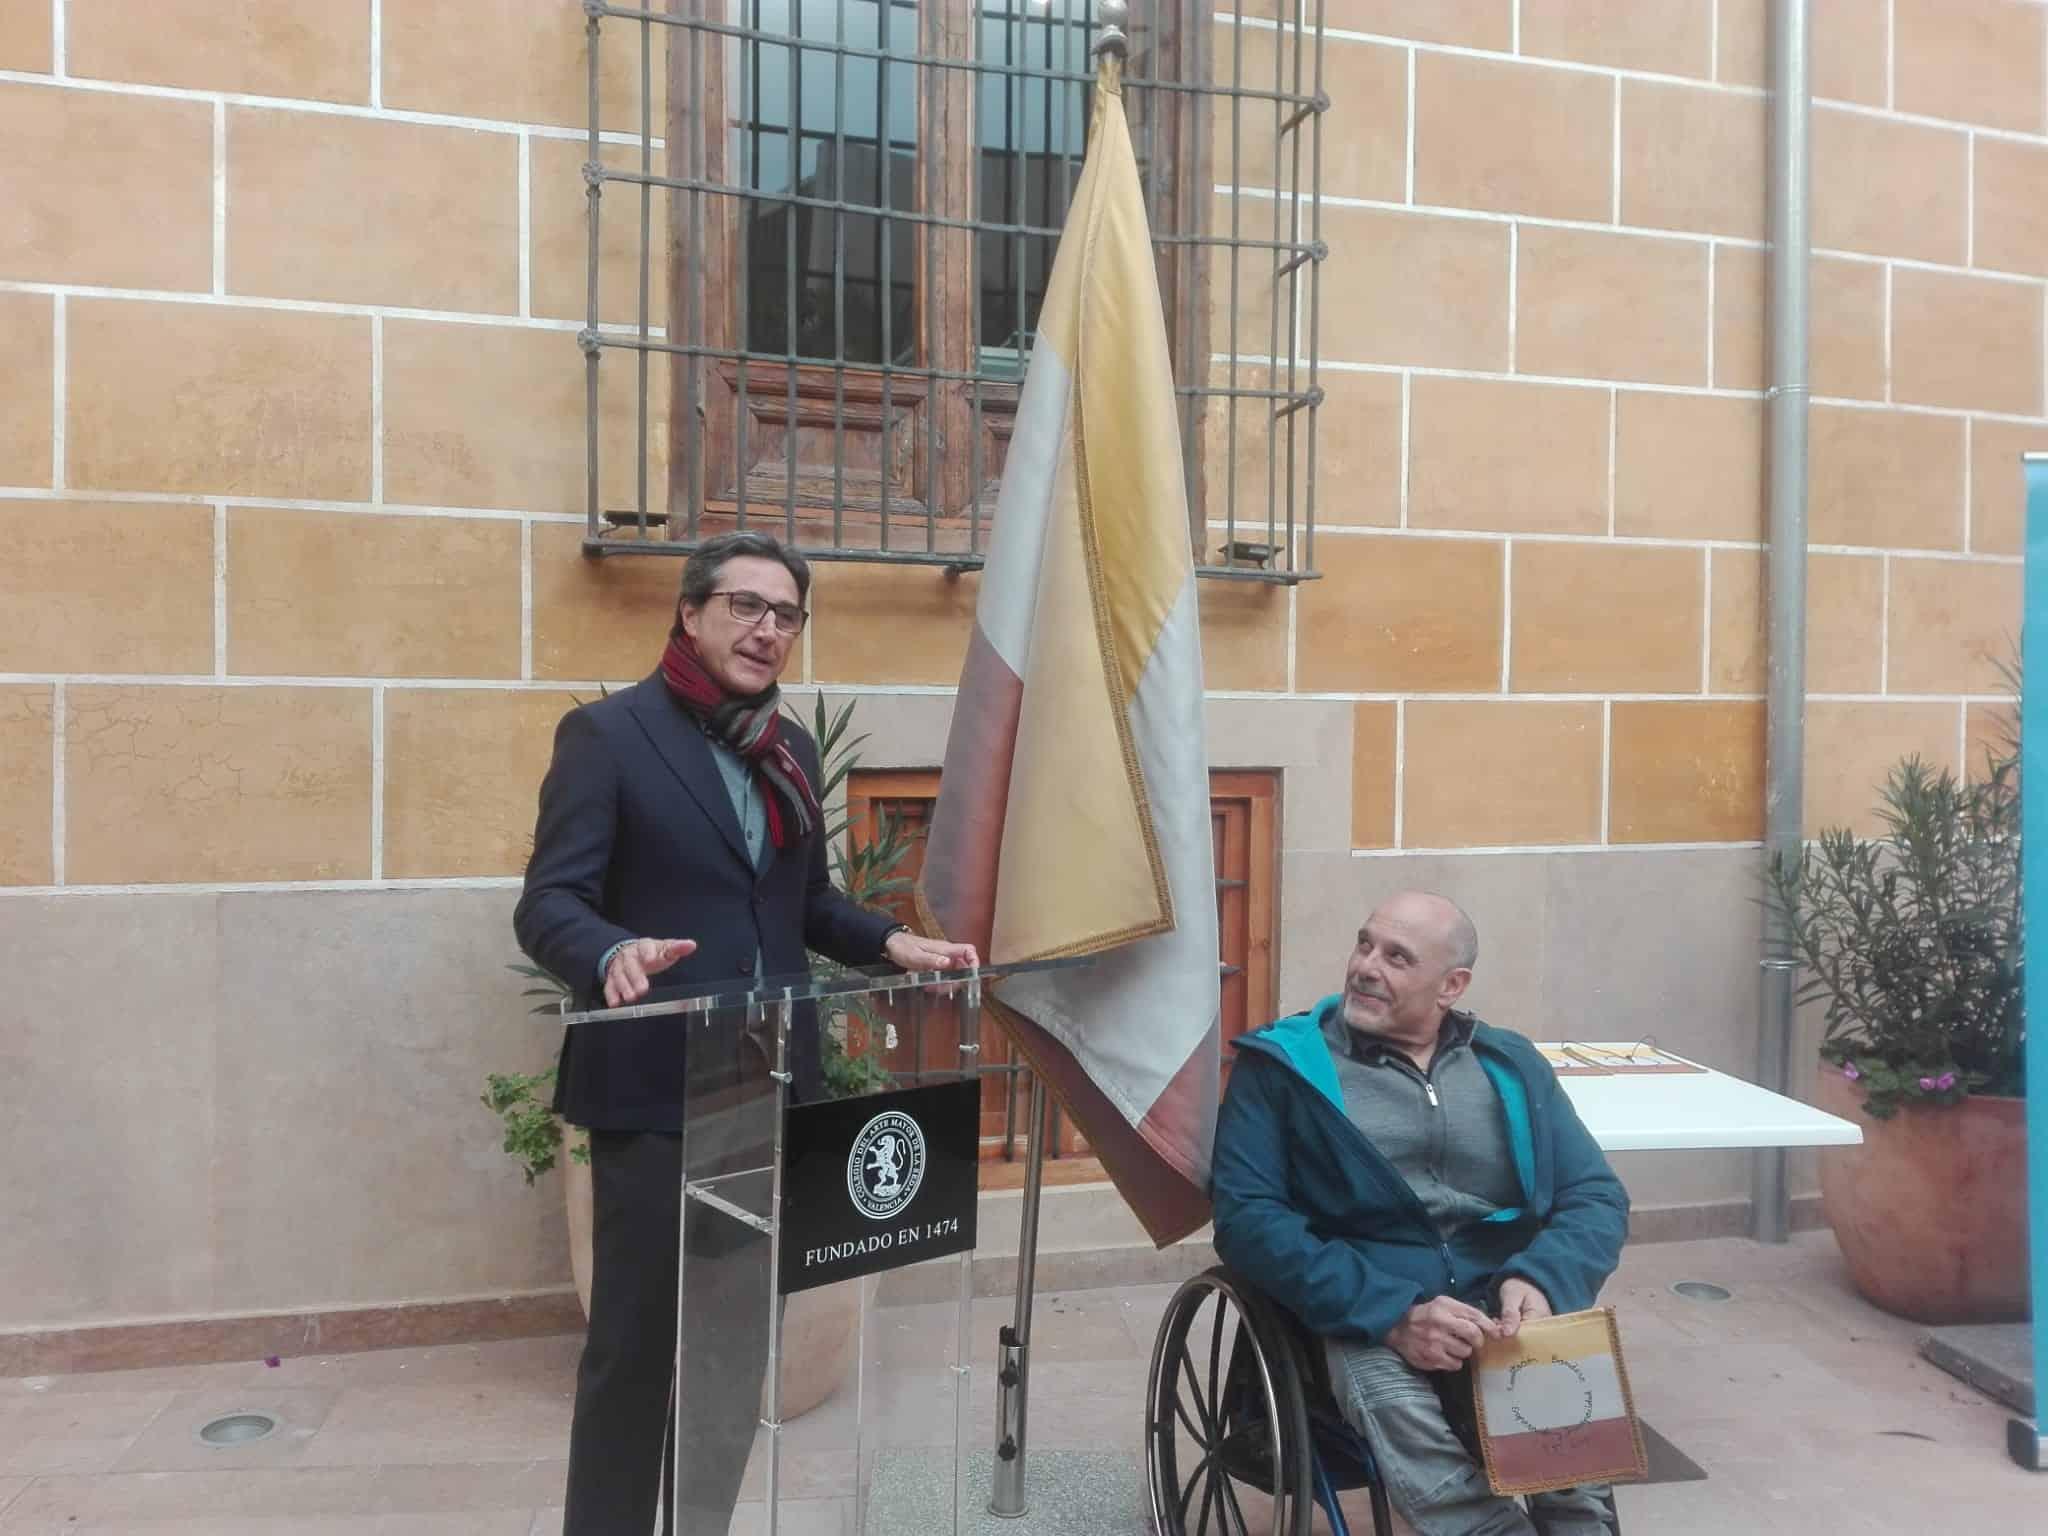 Exaltación de la Bandera de la Superación y la Discapacidad